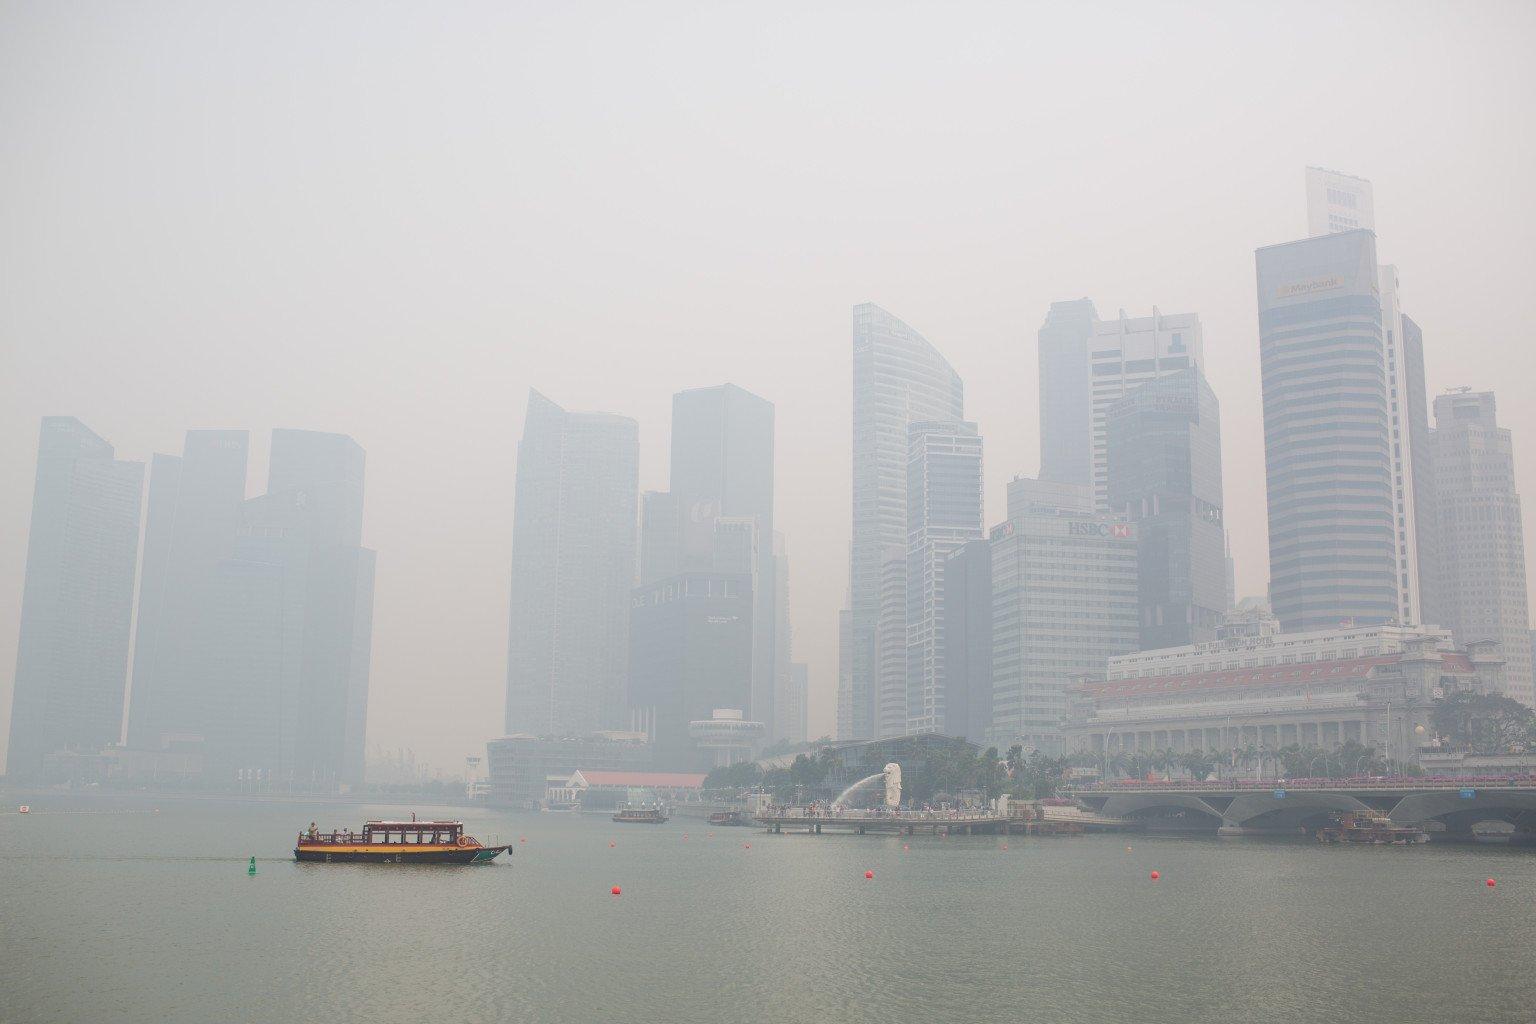 Singapore: giallo-inquinamento